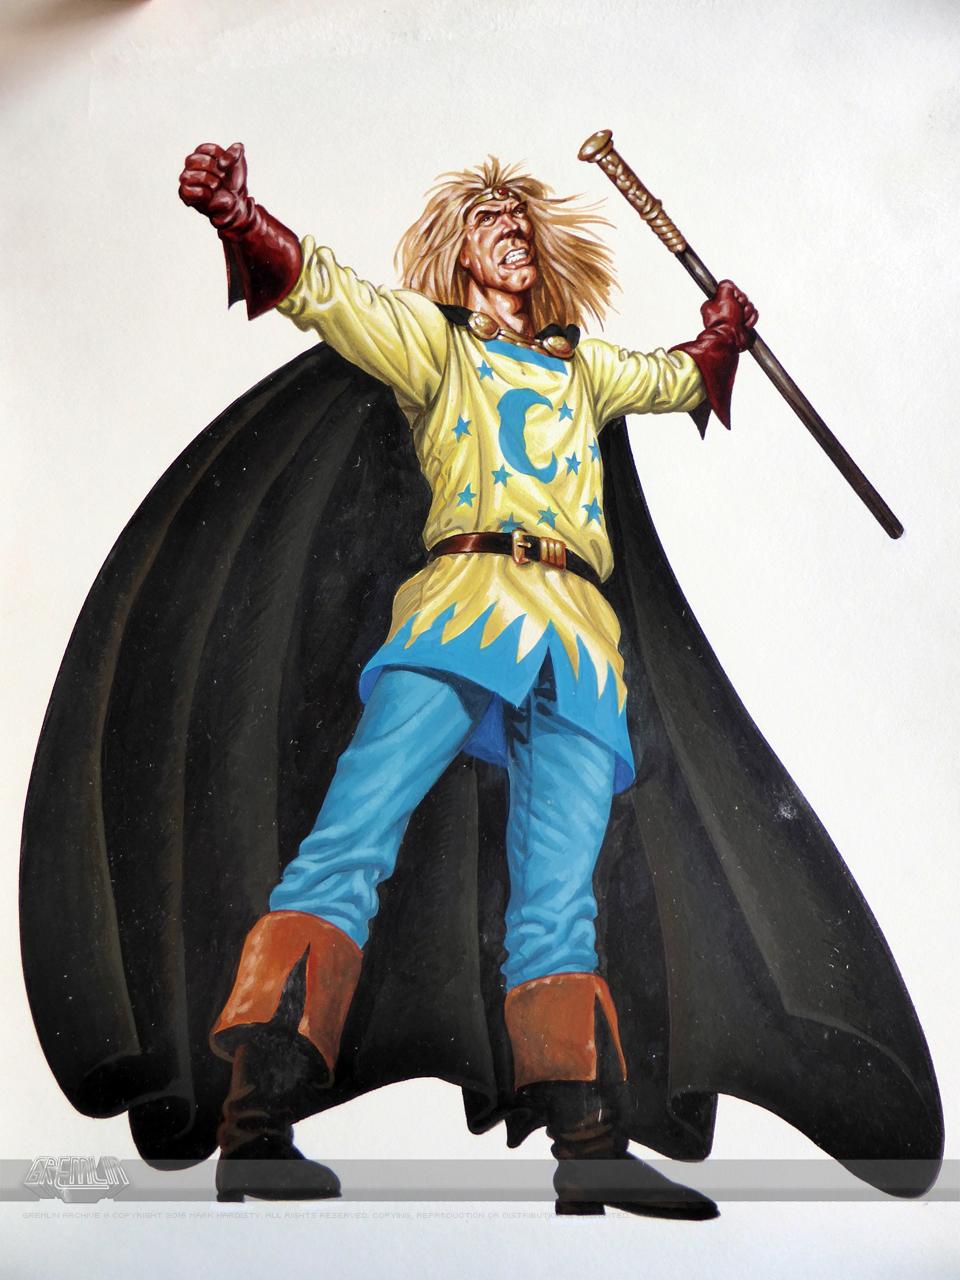 heroquest ii: legacy of sorasil